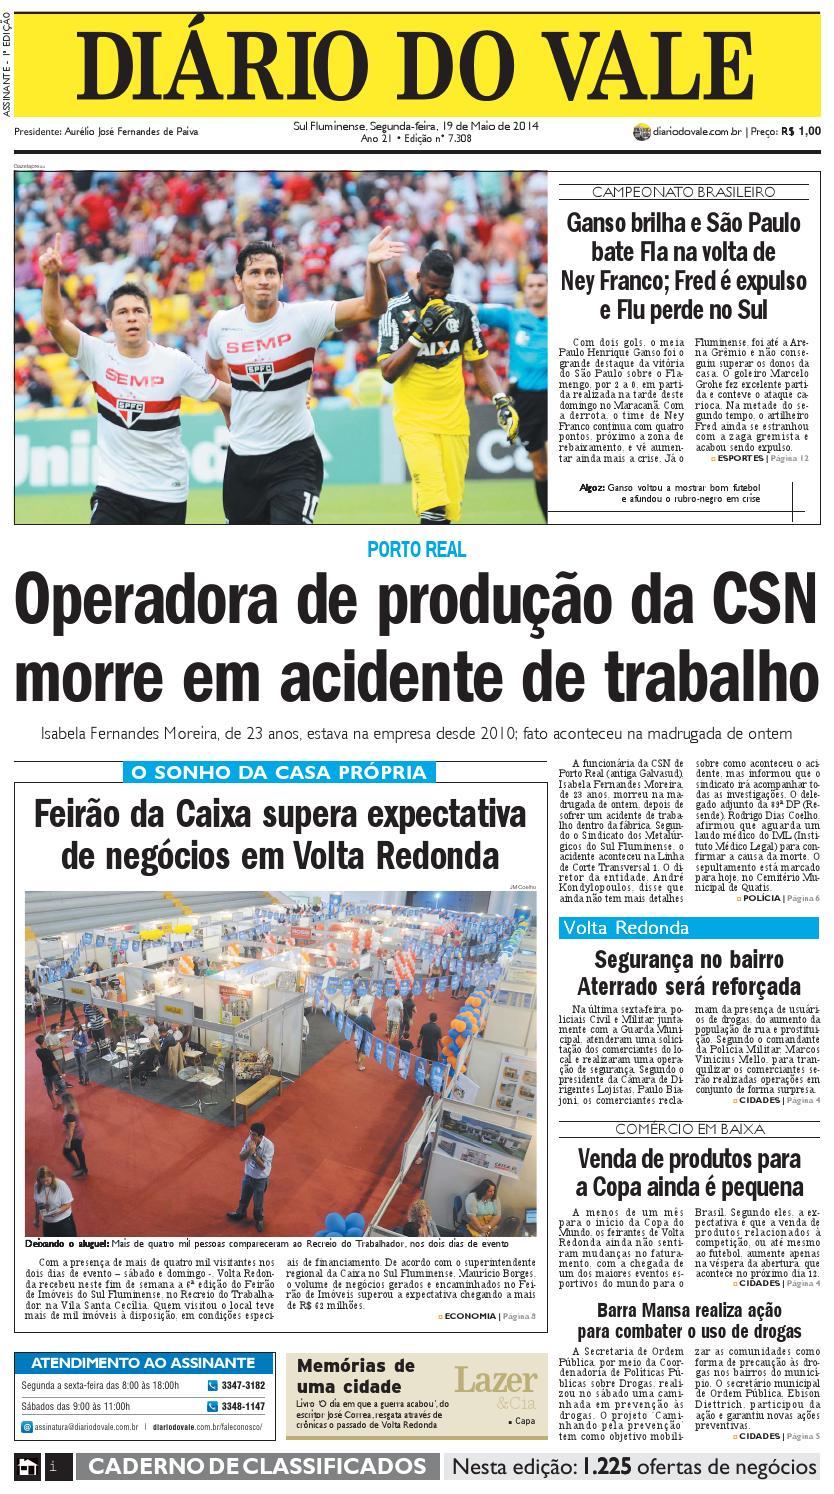 41098358c8 7308 diario segunda feira 19 05 2014 by Diário do Vale - issuu